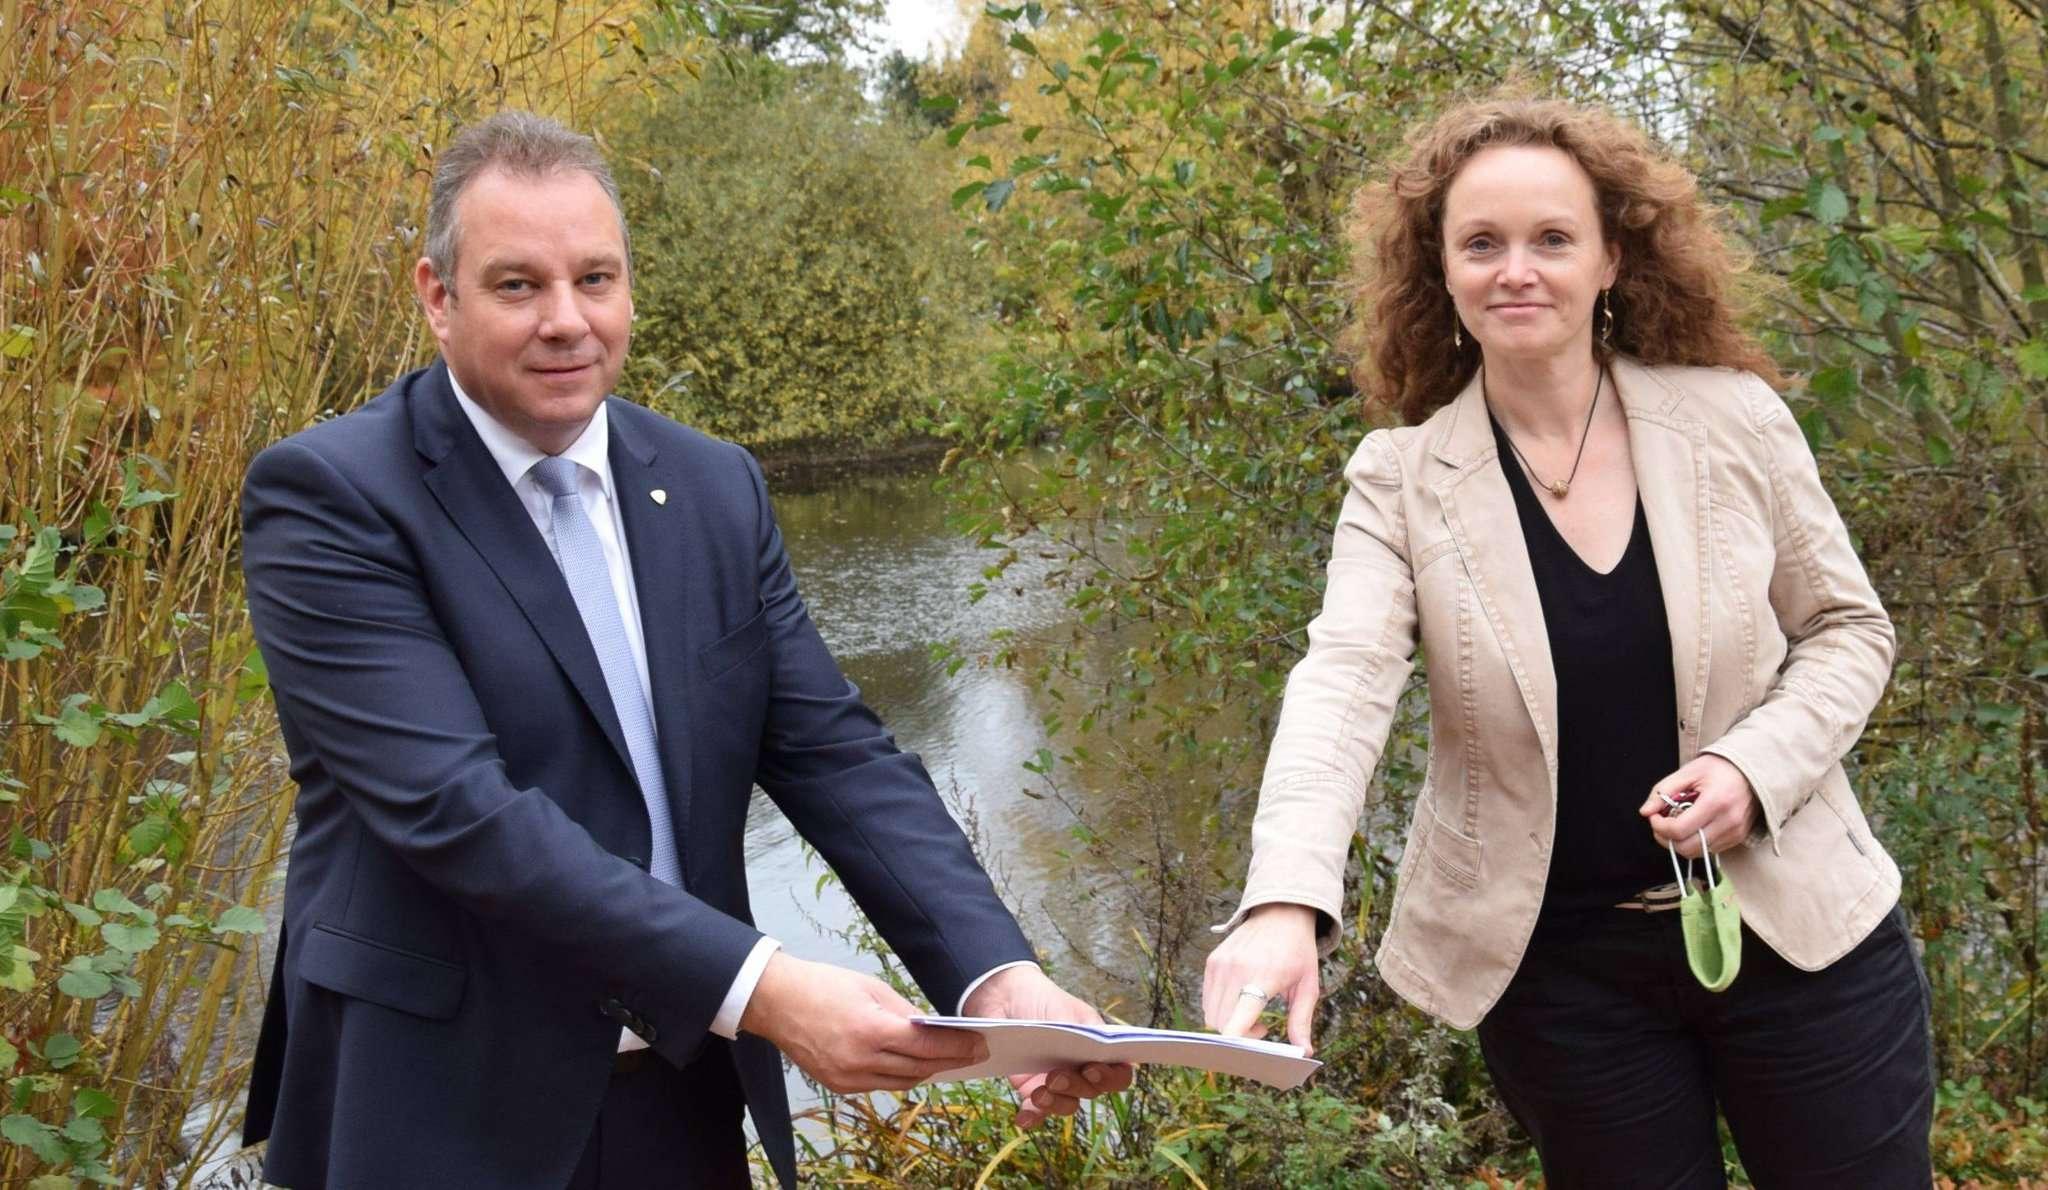 Bundestagsabgeordneter Andreas Mattfeldt und Oytens Bürgermeisterin Sandra Röse freuen sich, dass der Bund Oytens urbane Pläne unterstützt.